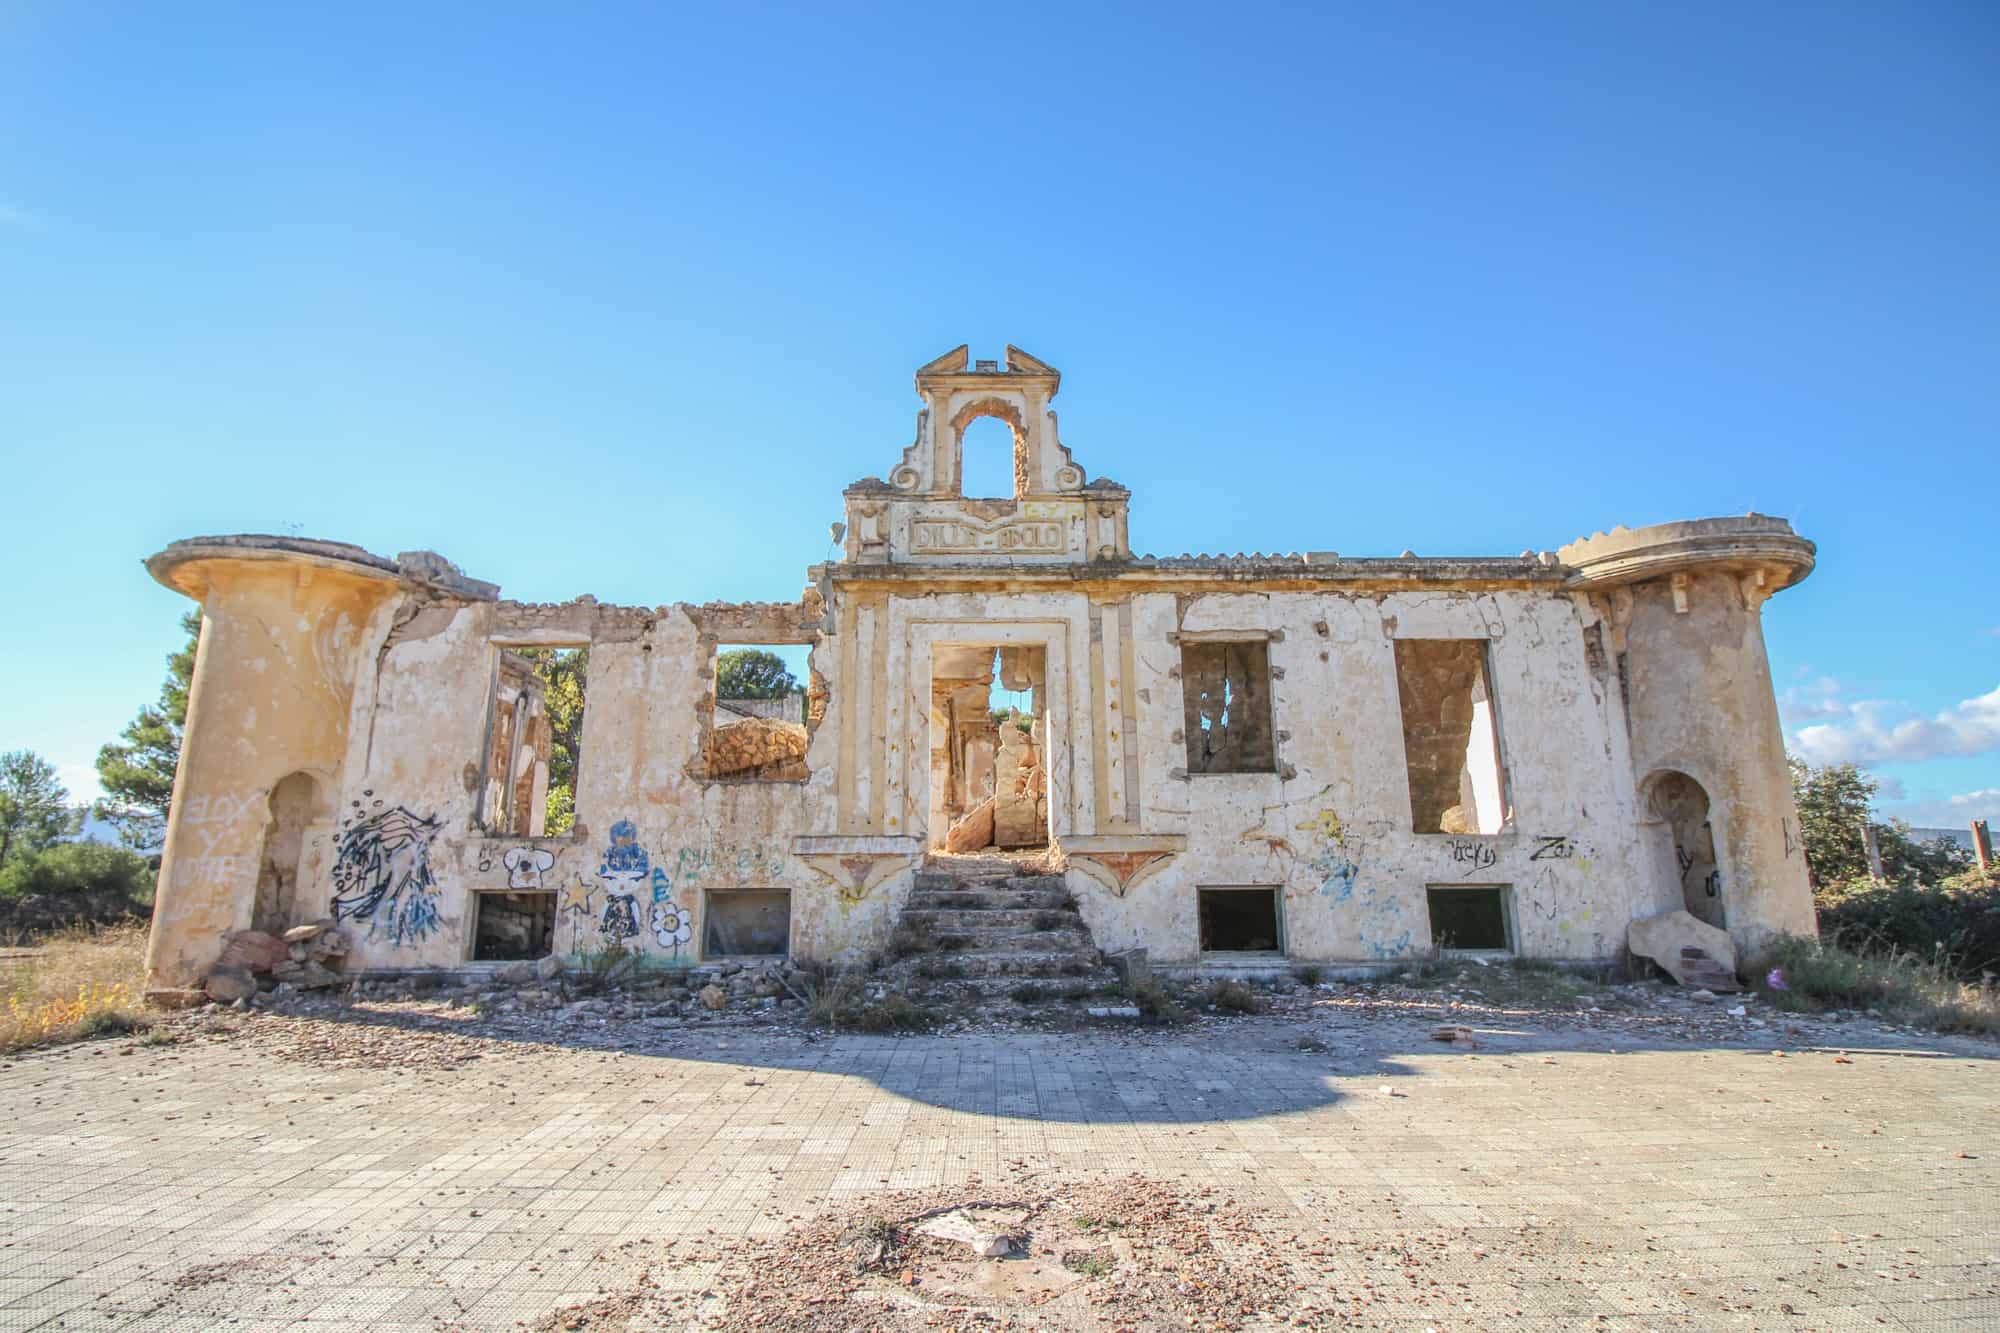 Ruine Ronda